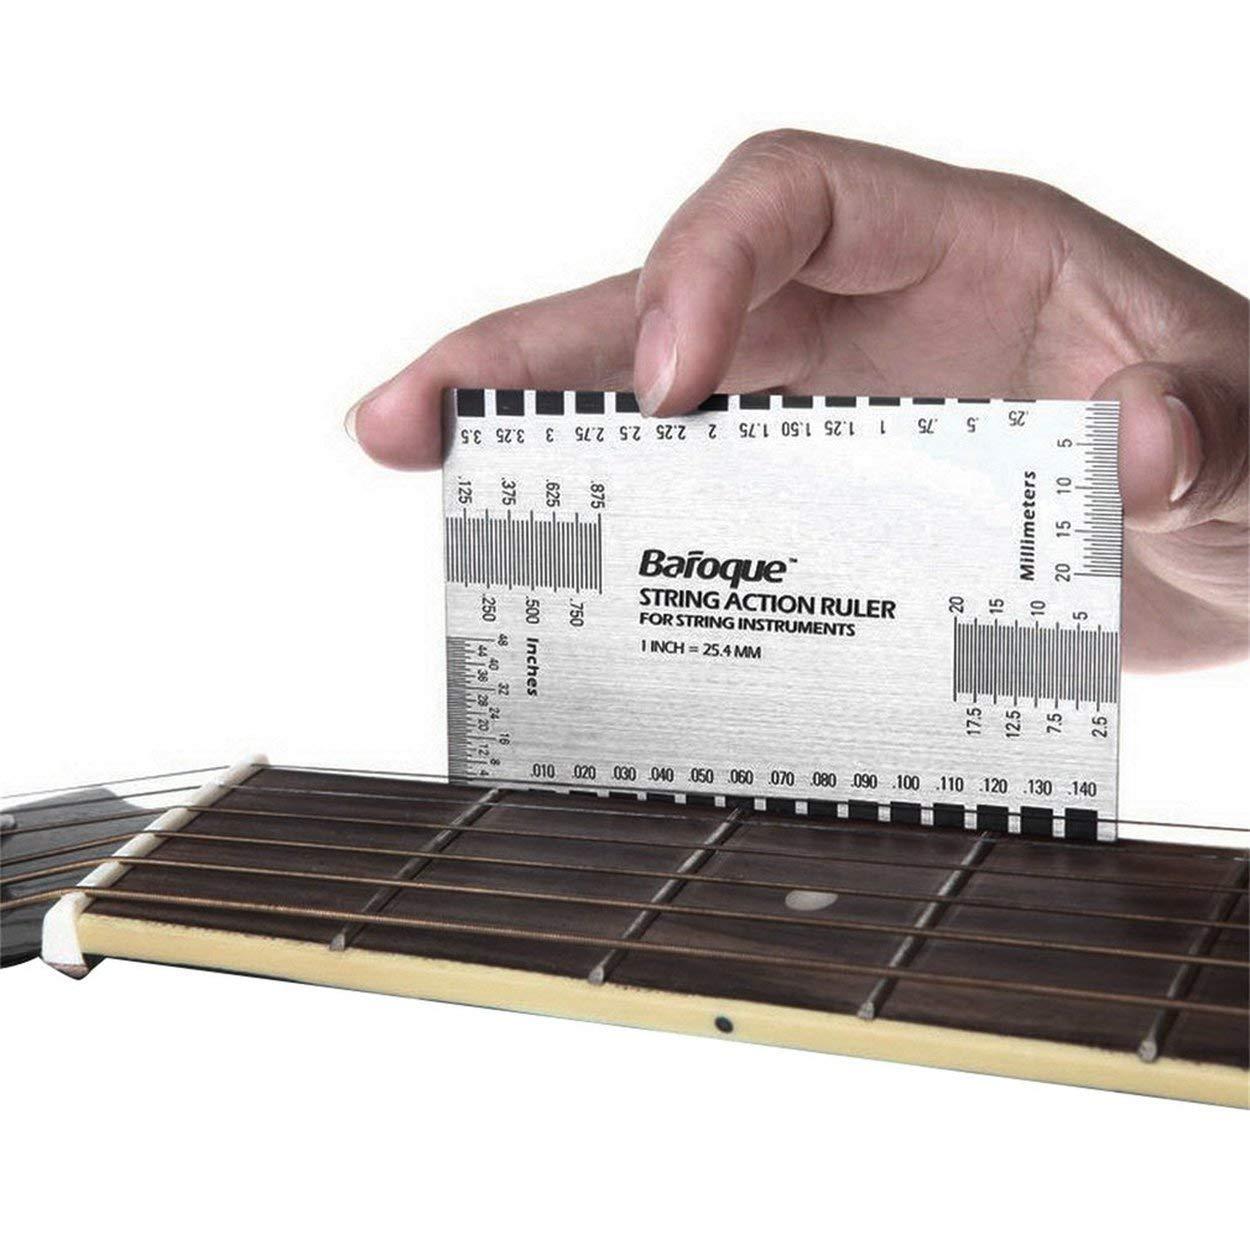 Outil de jauge de r/ègle daction de corde de guitare /électrique acoustique durable in//mm pour la guitare basse mandoline banjo outils de mesure Jpstyle